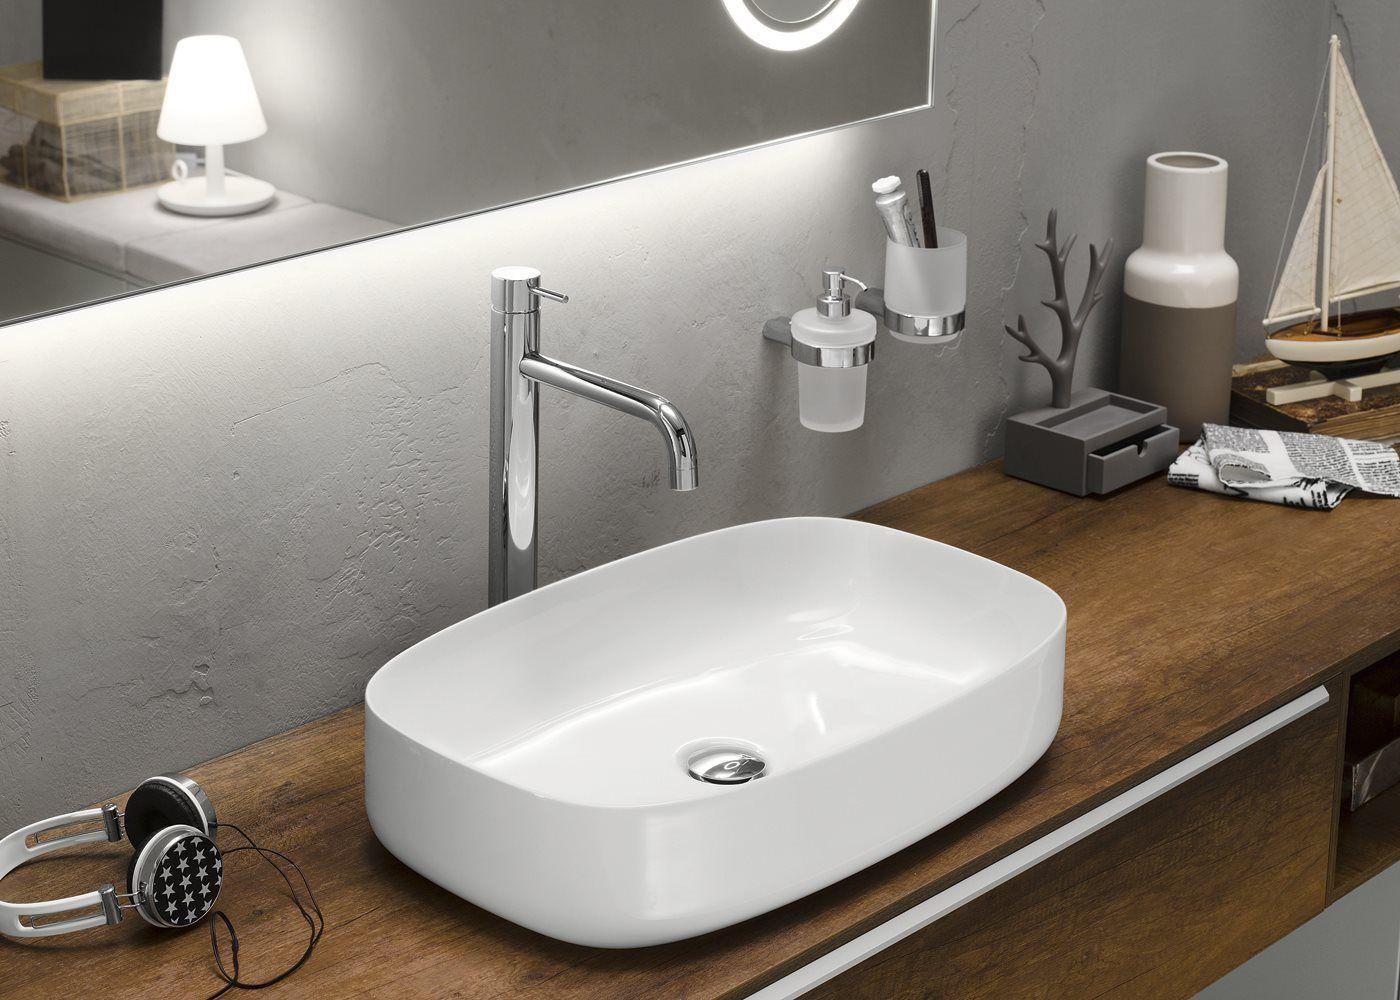 Meuble pour salle de bain composable progetto for Produit pour salle de bain